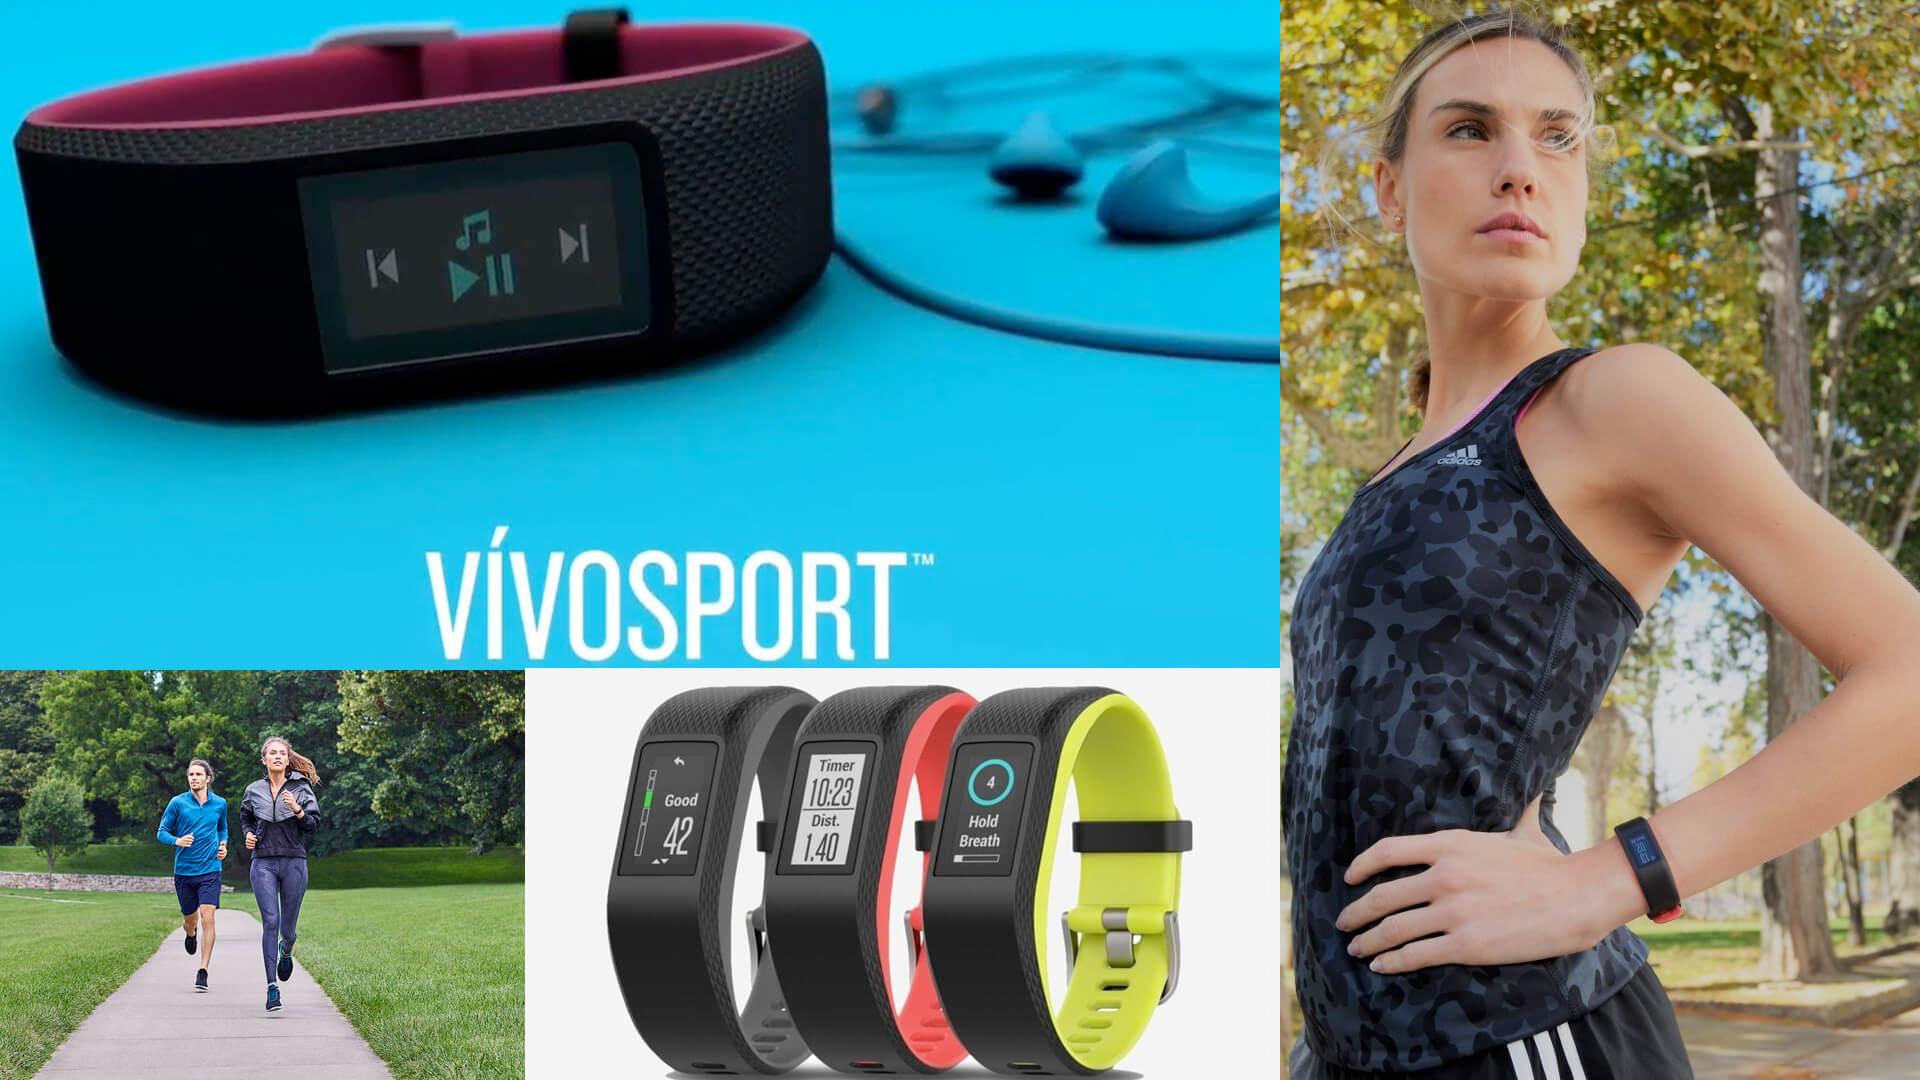 Smart Tracker за активност със сърдечна честота и GPS - vívosport™